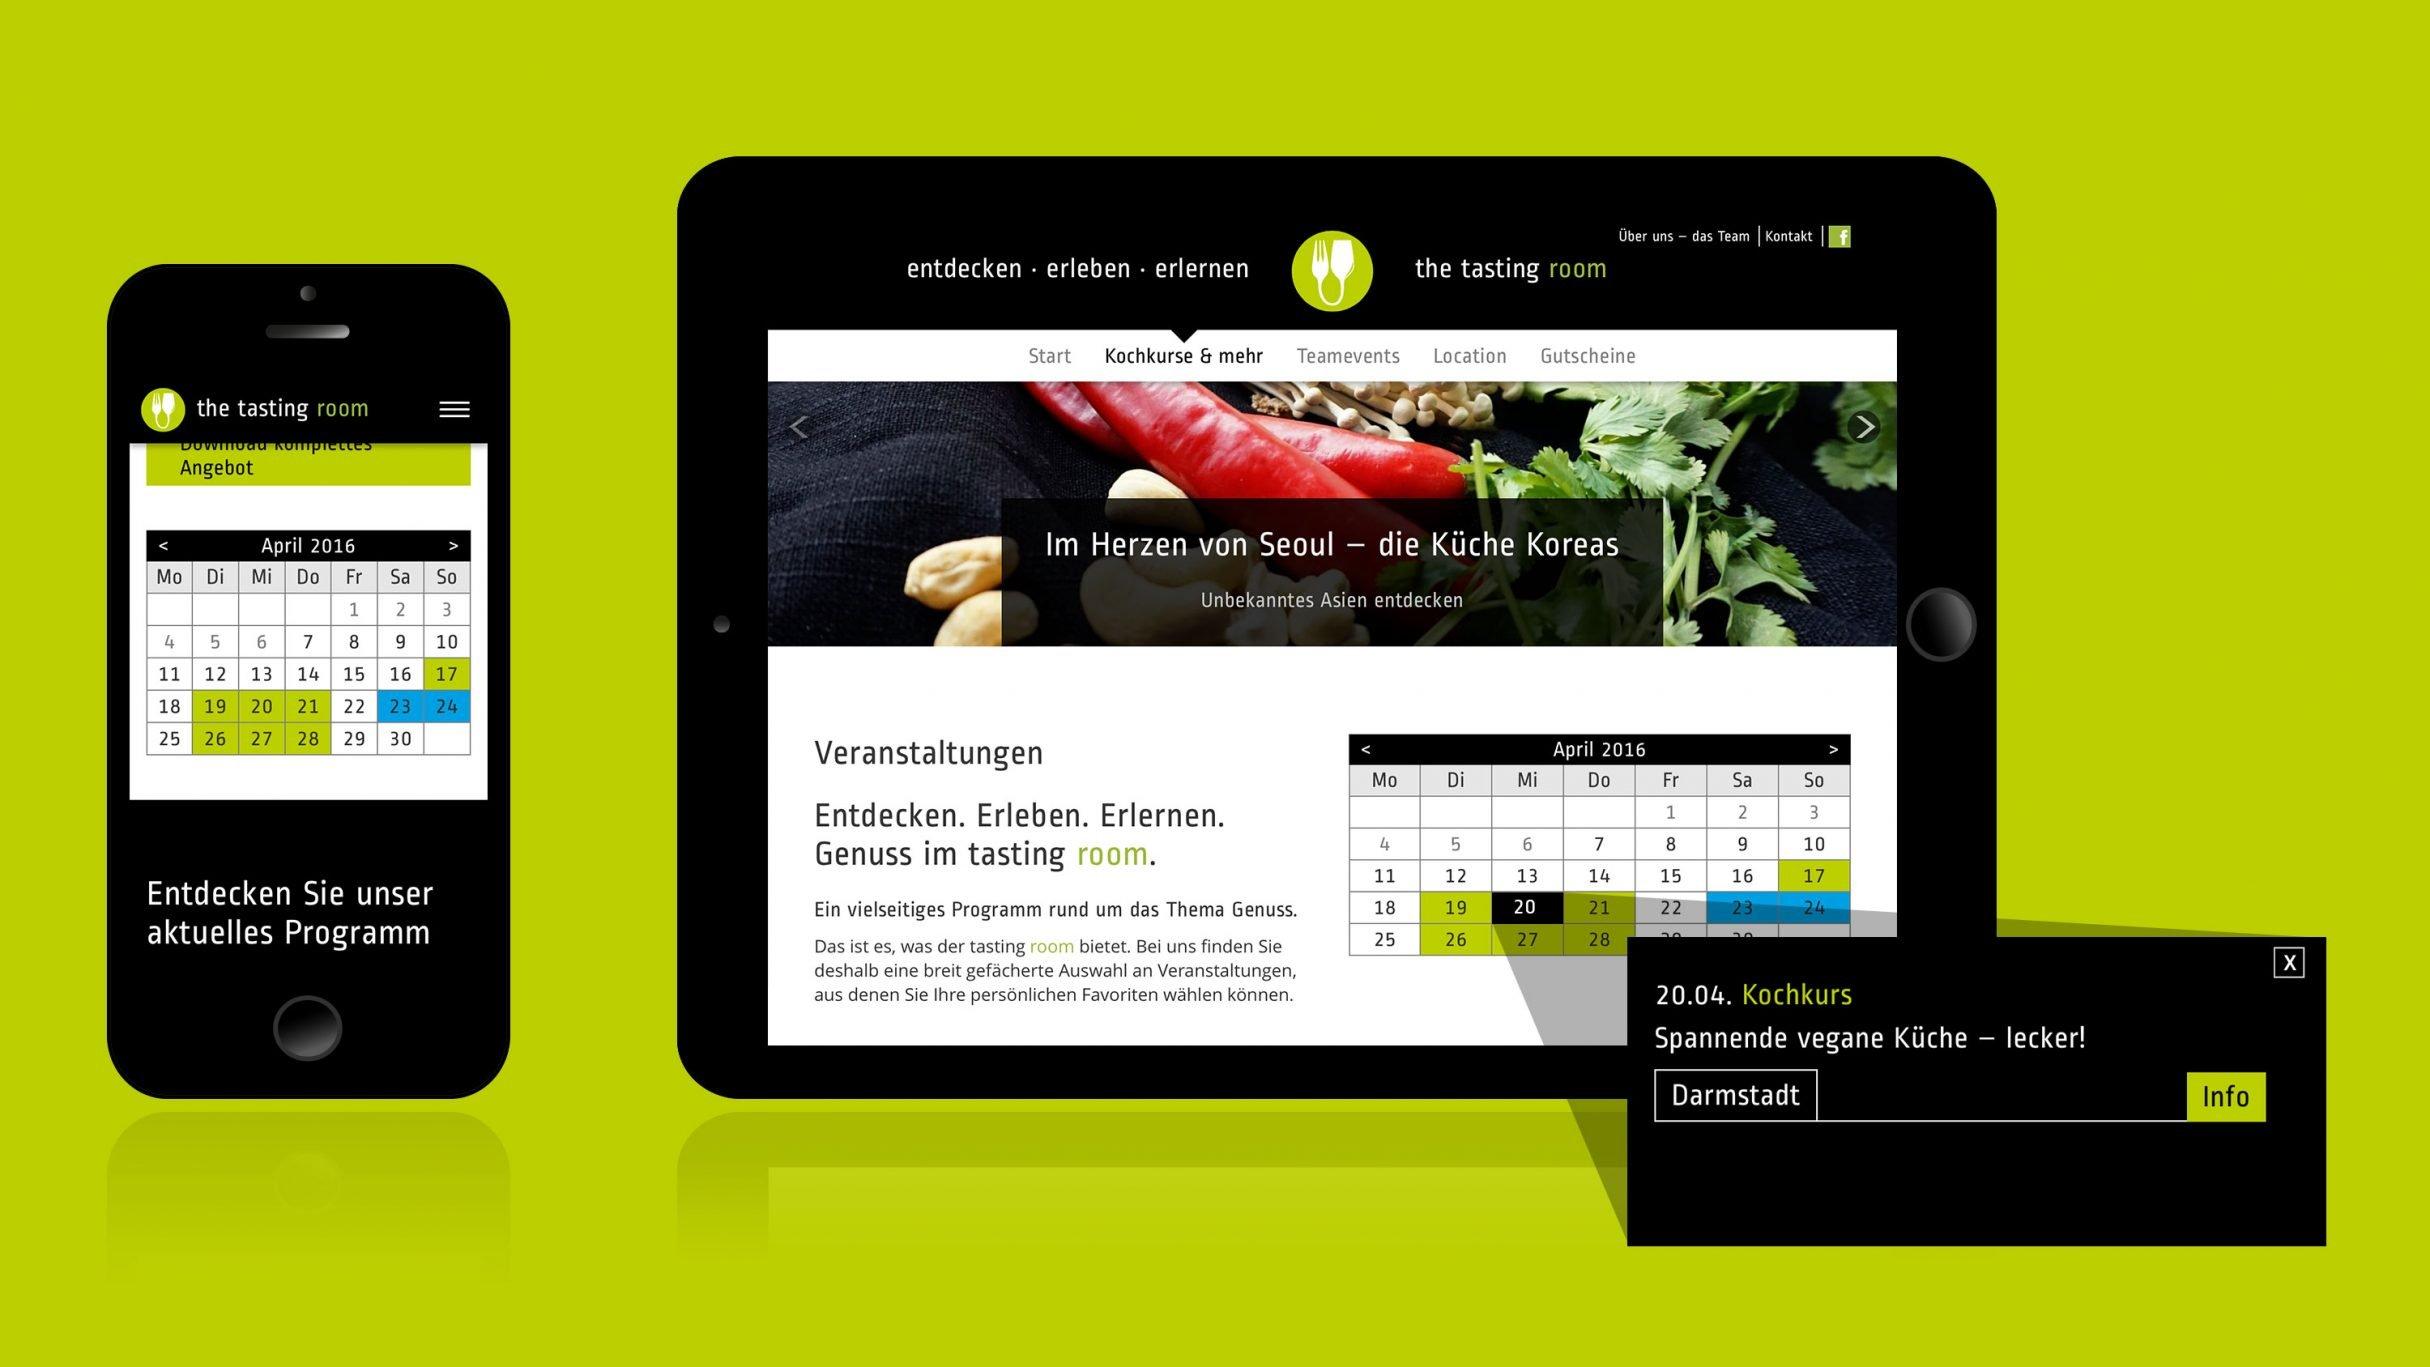 Webdesign, Buchungskalender für the tasting room Kochkurse Darmstadt: DIE NEUDENKER® Agentur, Darmstadt